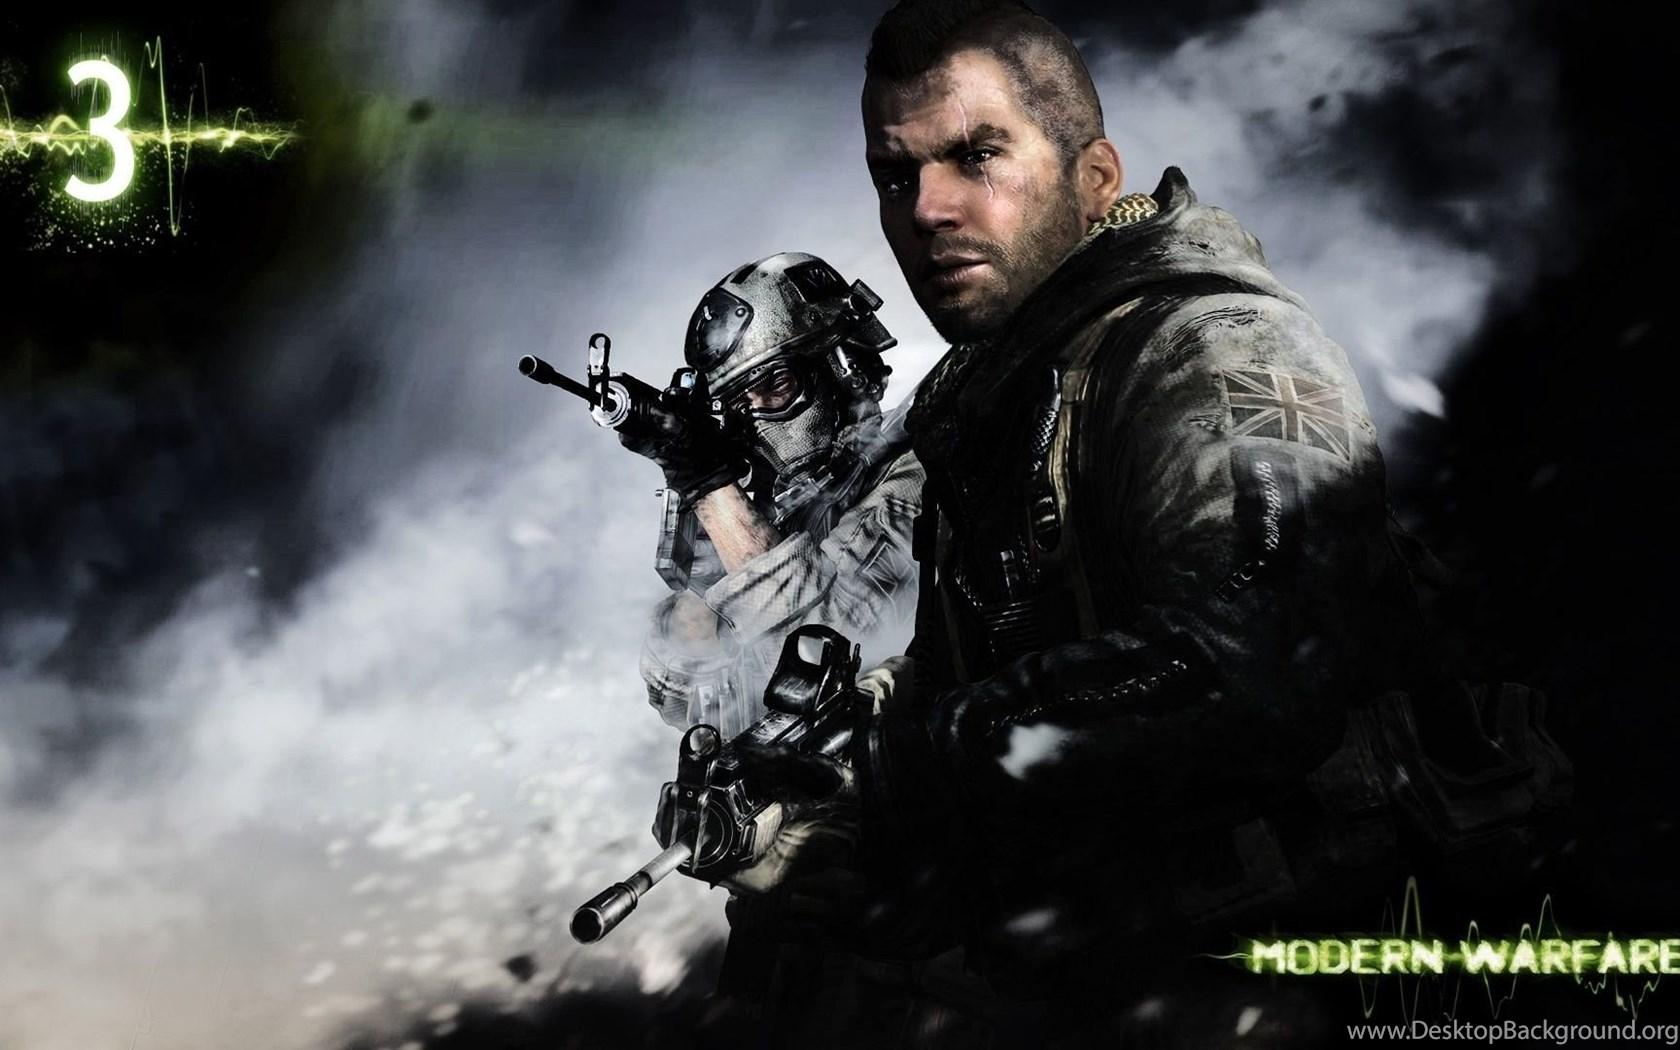 Full Hd 1080p Call Of Duty Modern Warfare 3 Wallpapers Hd Desktop Desktop Background